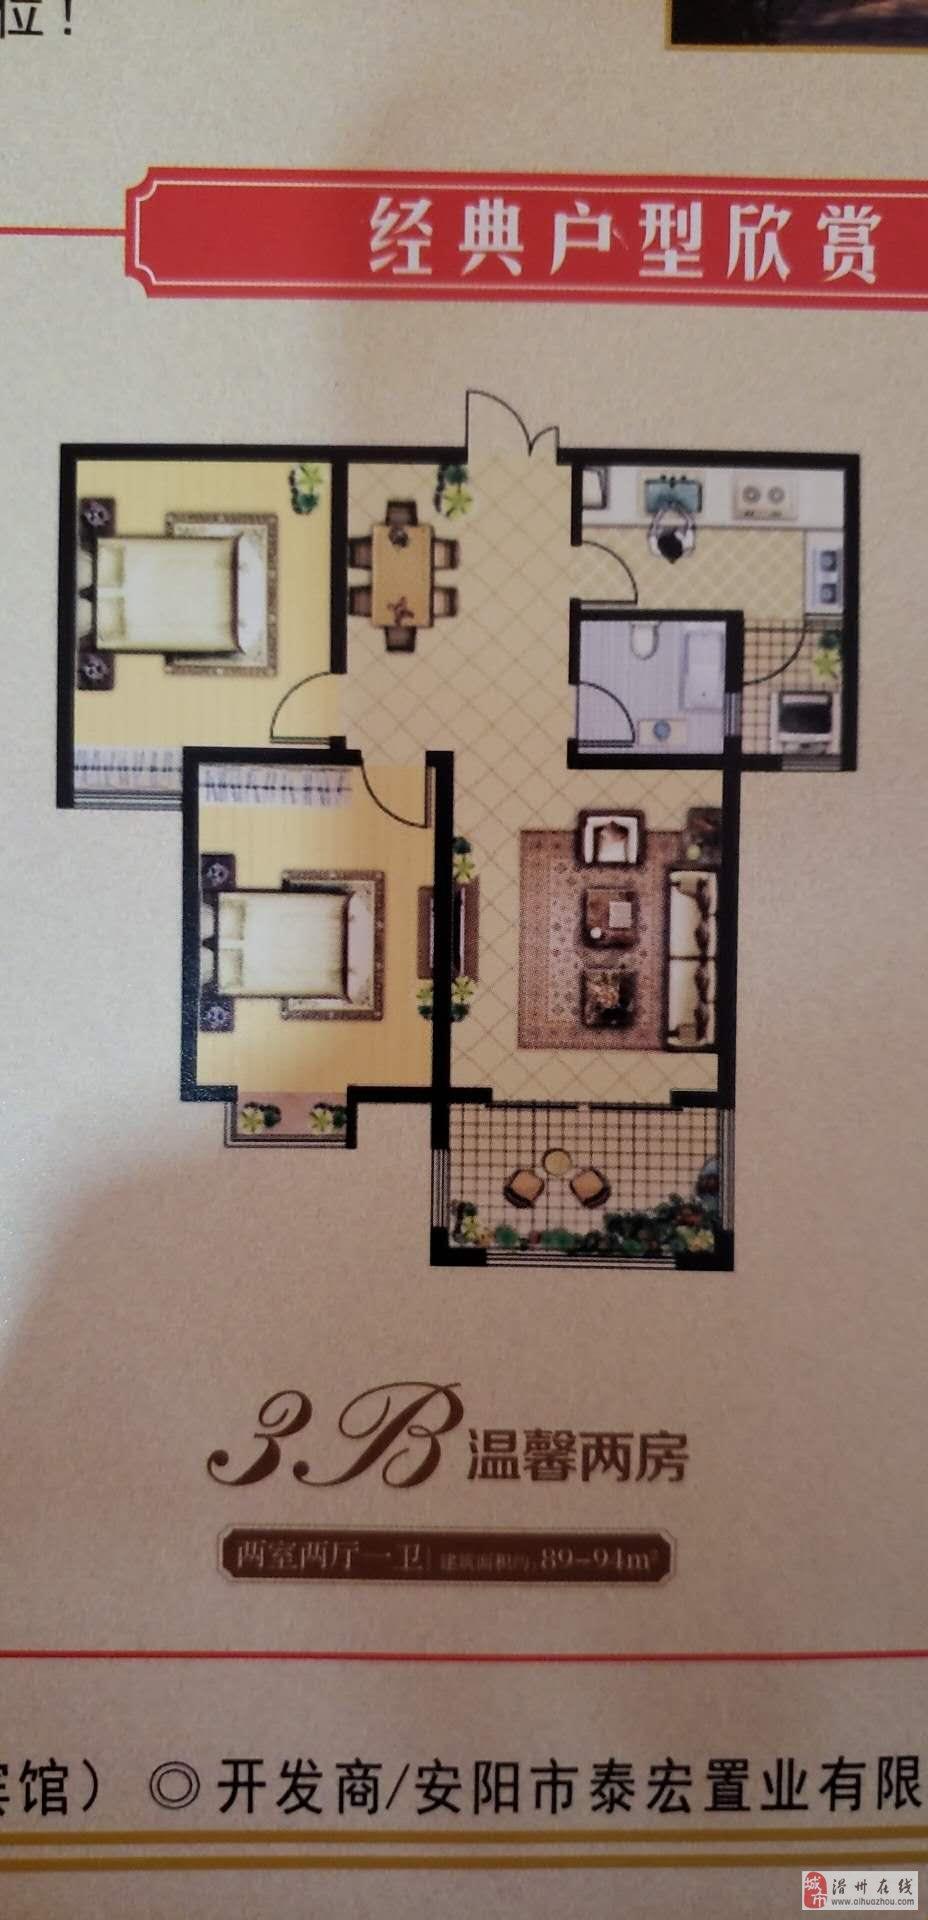 一手房手續!書香荷苑2室2廳1衛需全款35萬元